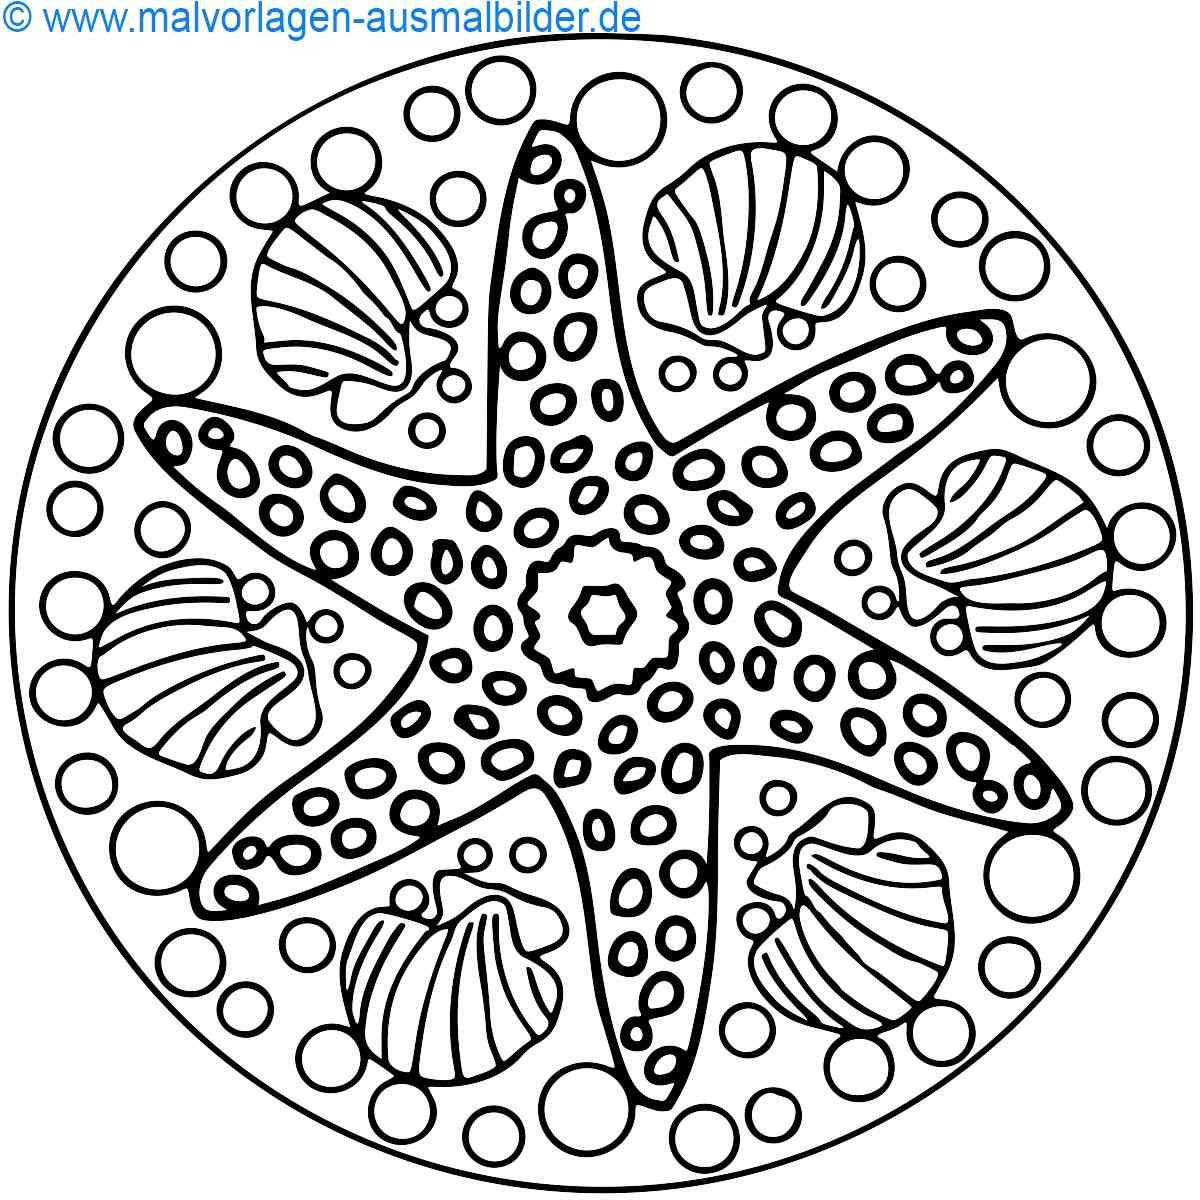 Malvorlagen Mandala  mandala ausmalbilder Ausmalbilder